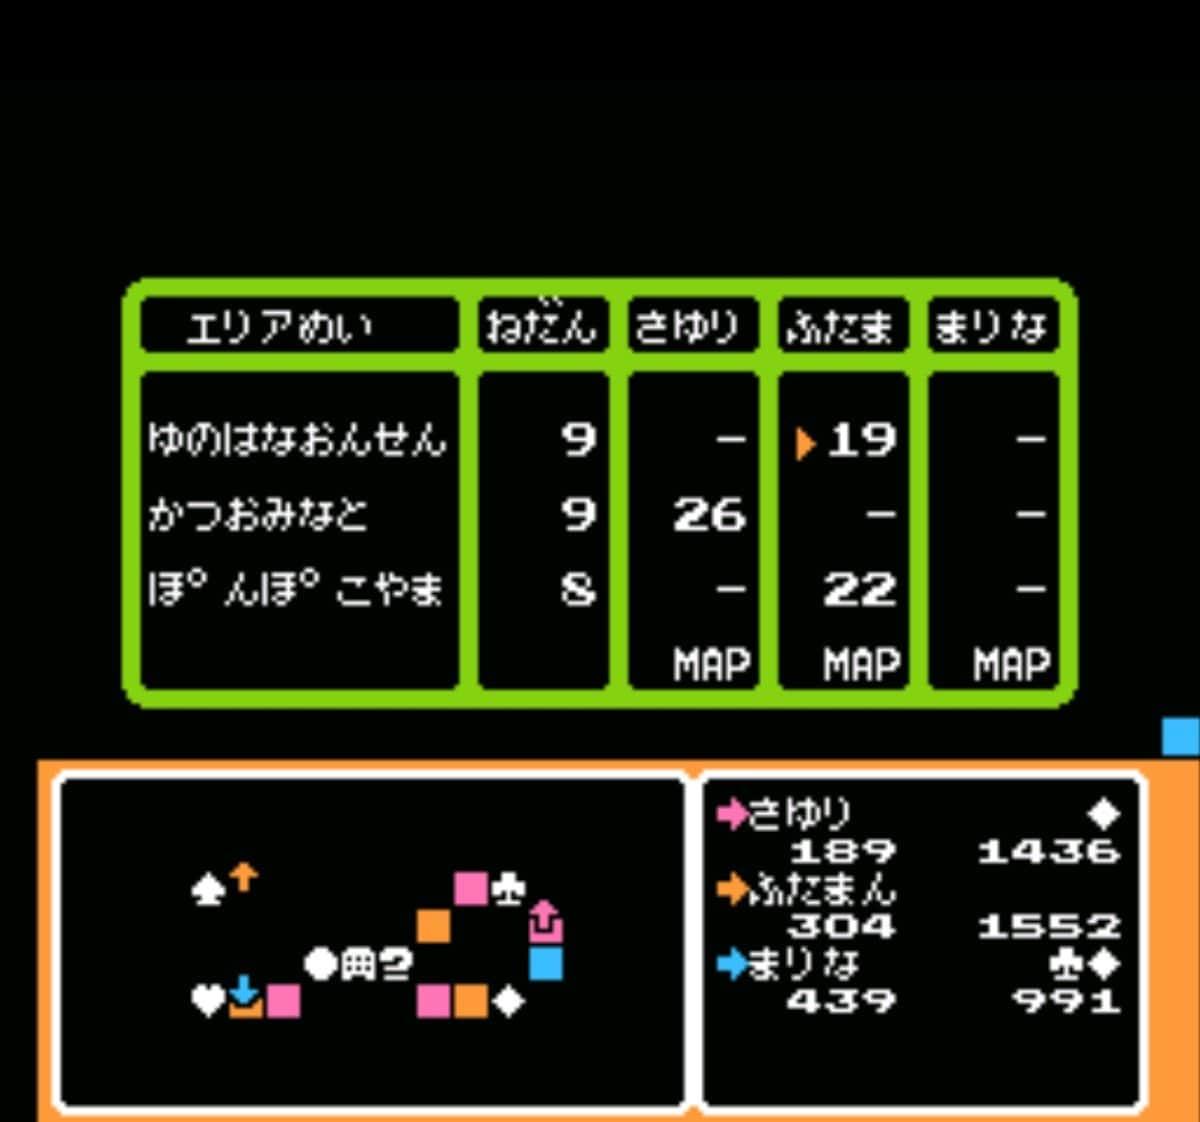 桃鉄だけじゃない、ファミコン芸人・フジタが選ぶみんながハマった「すごろくゲーム」といえばコレ!の画像012